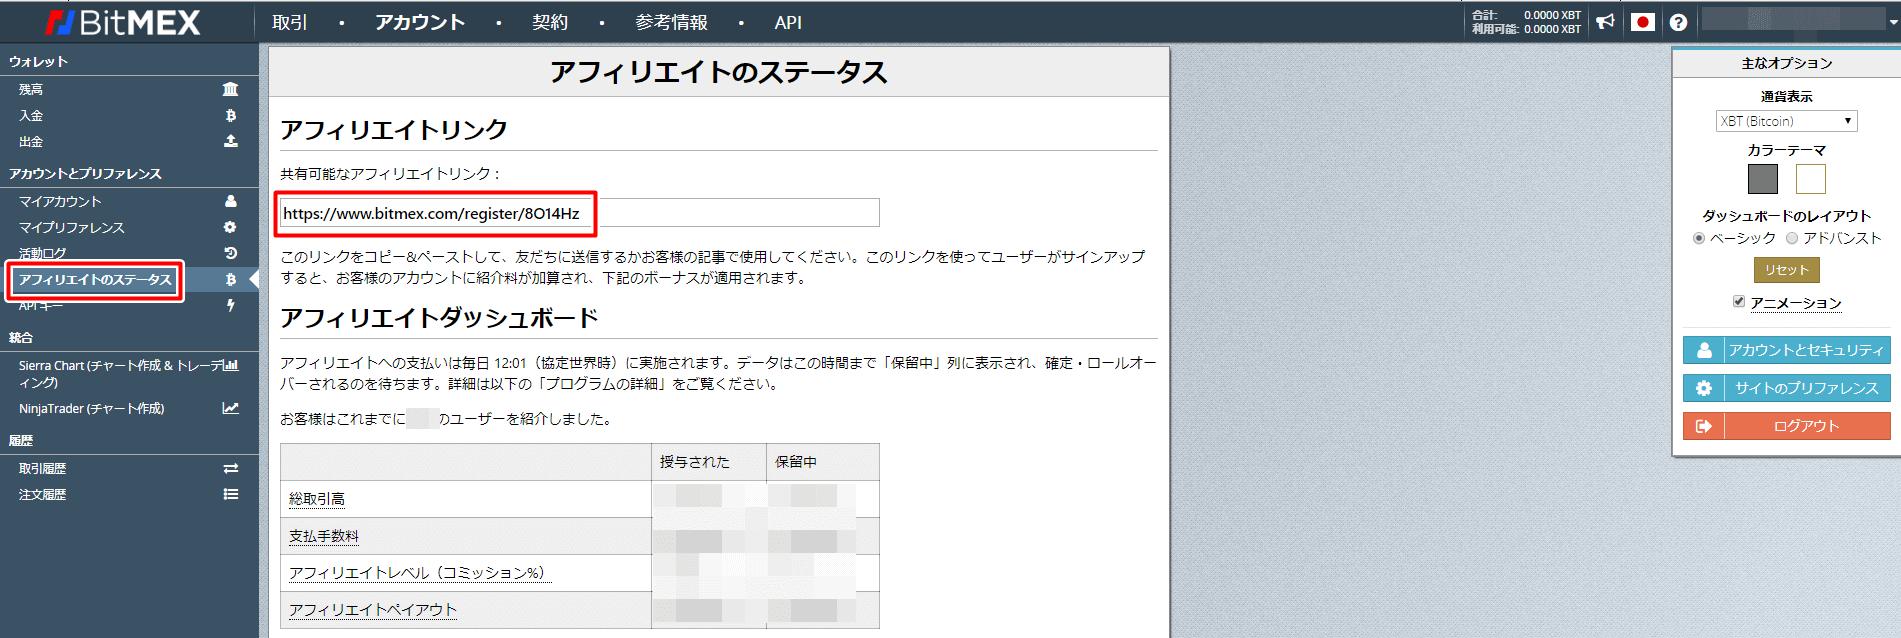 bitmex-アフィリエイト-1